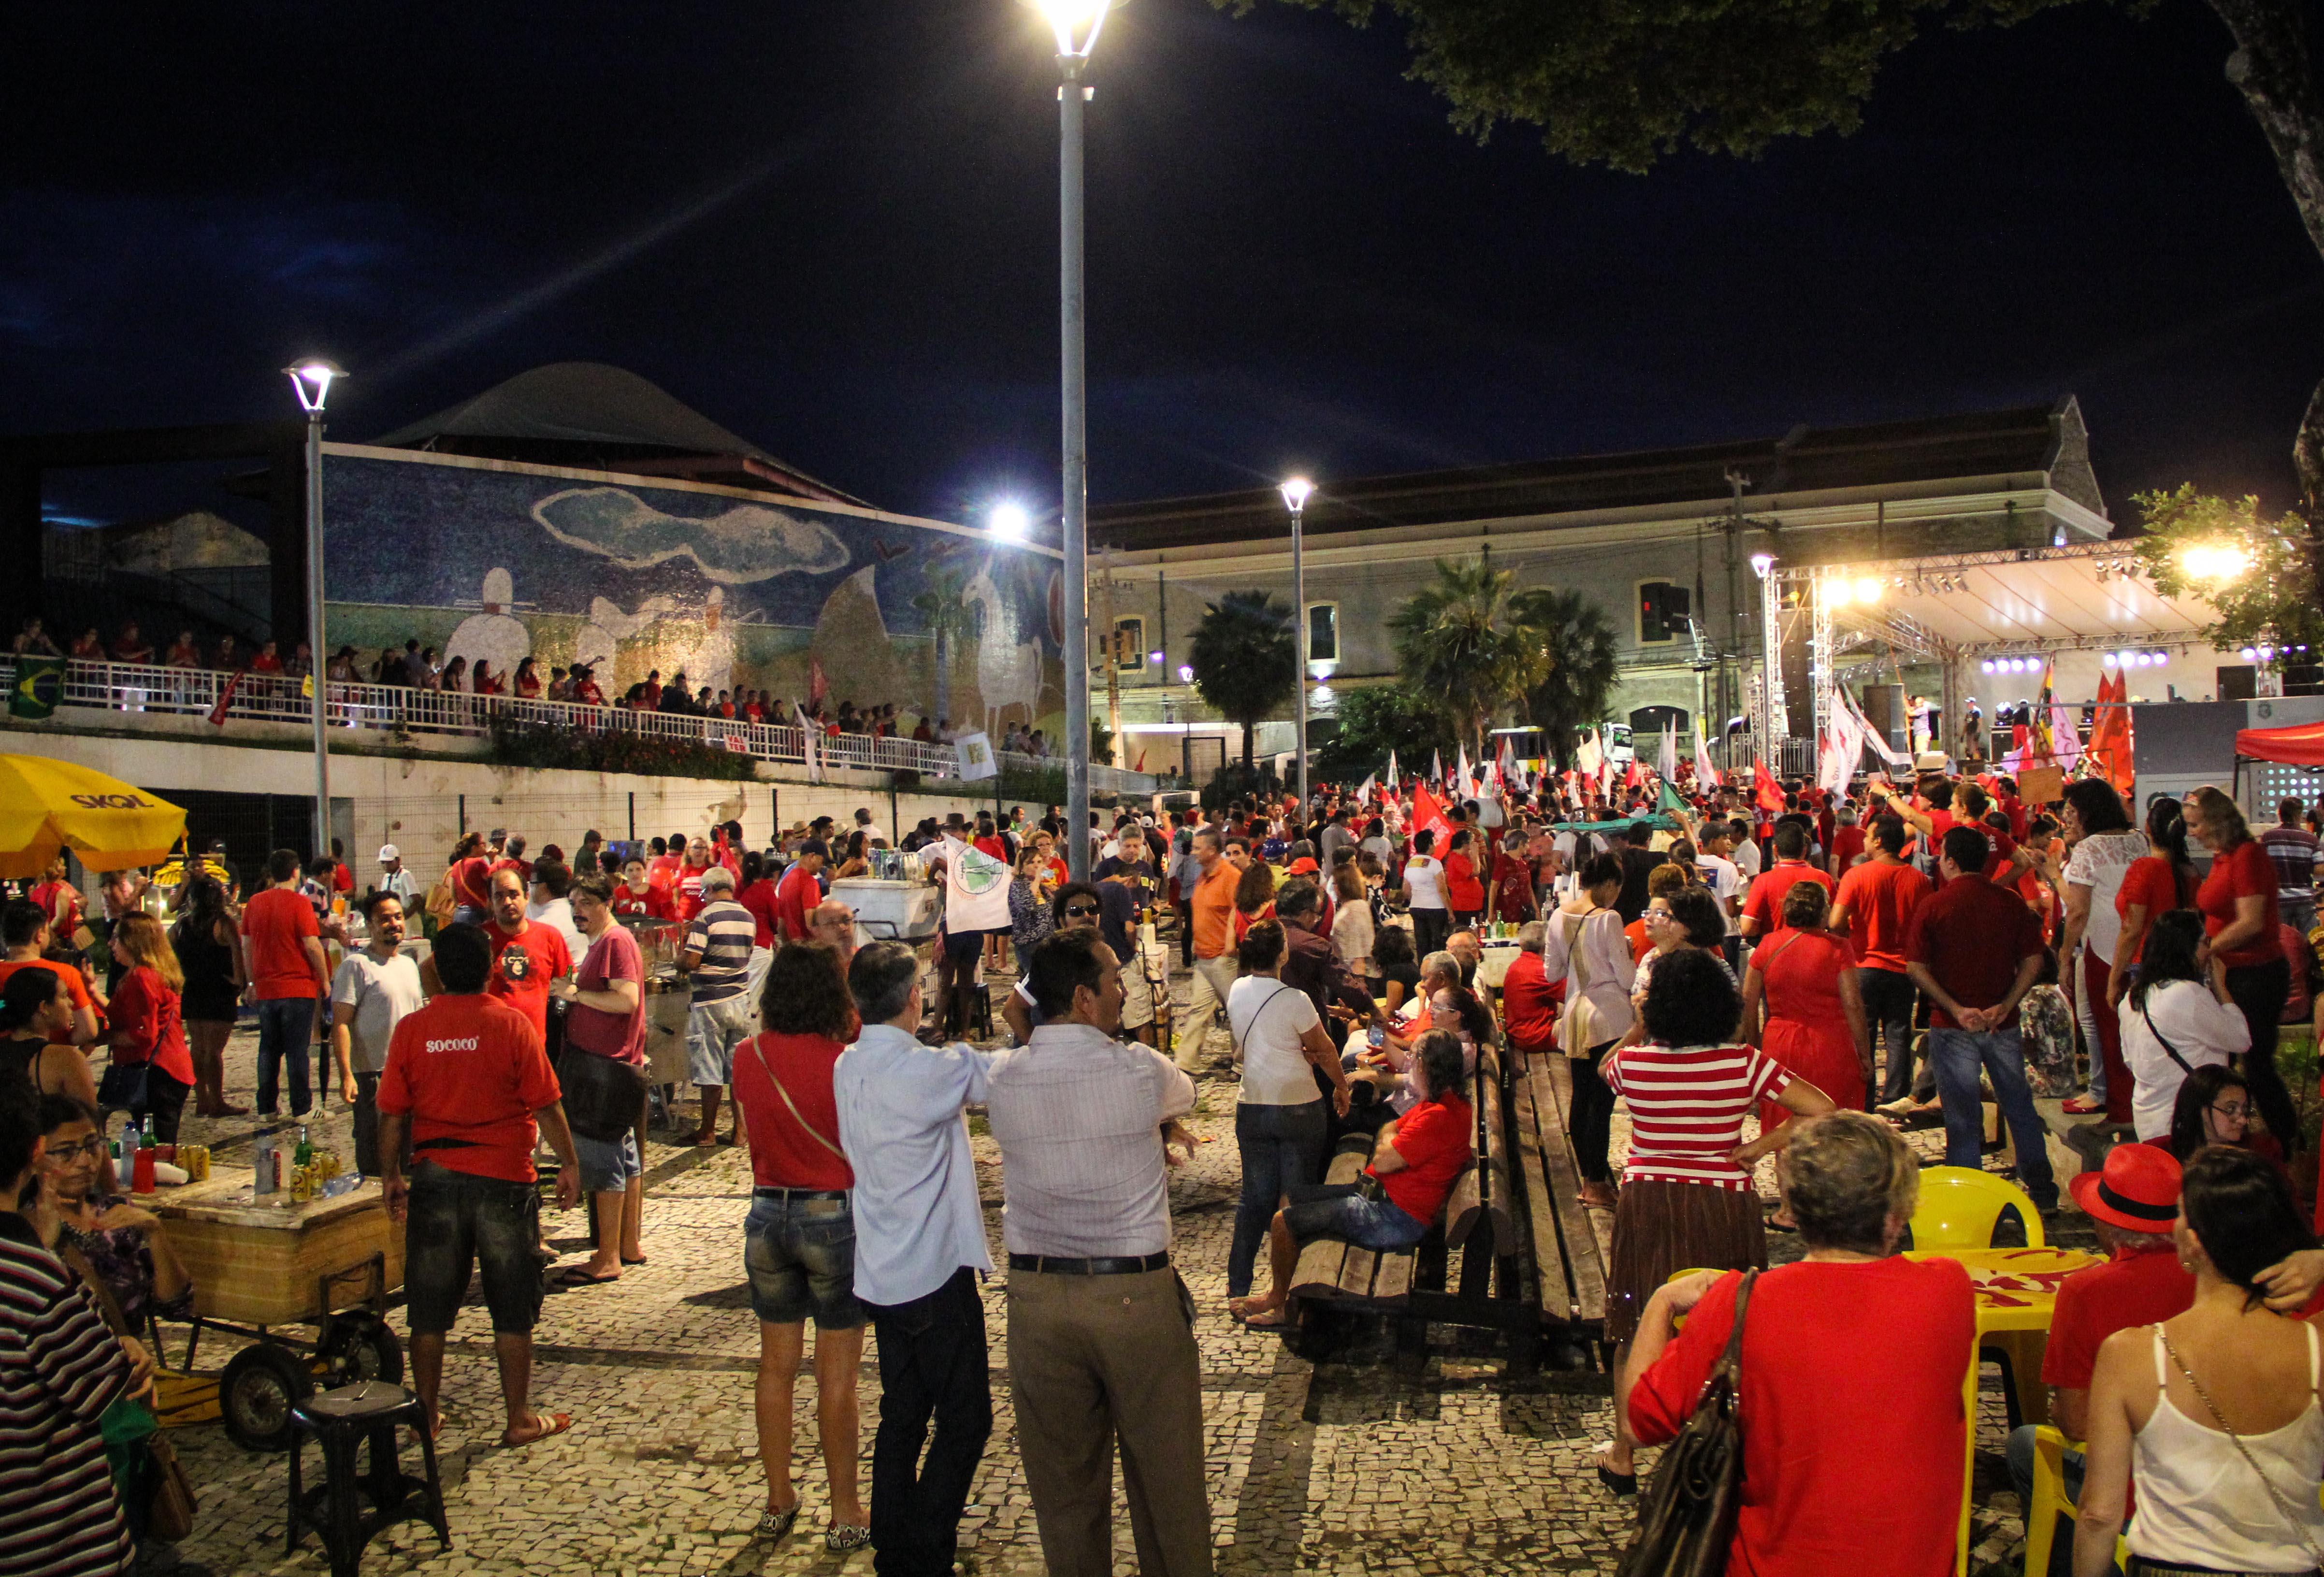 Manifestantes se reuniram na Praça da Bandeira e seguiram até o Centro Dragão do Mar (FOTO: Fernanda Moura/Tribuna do Ceará)